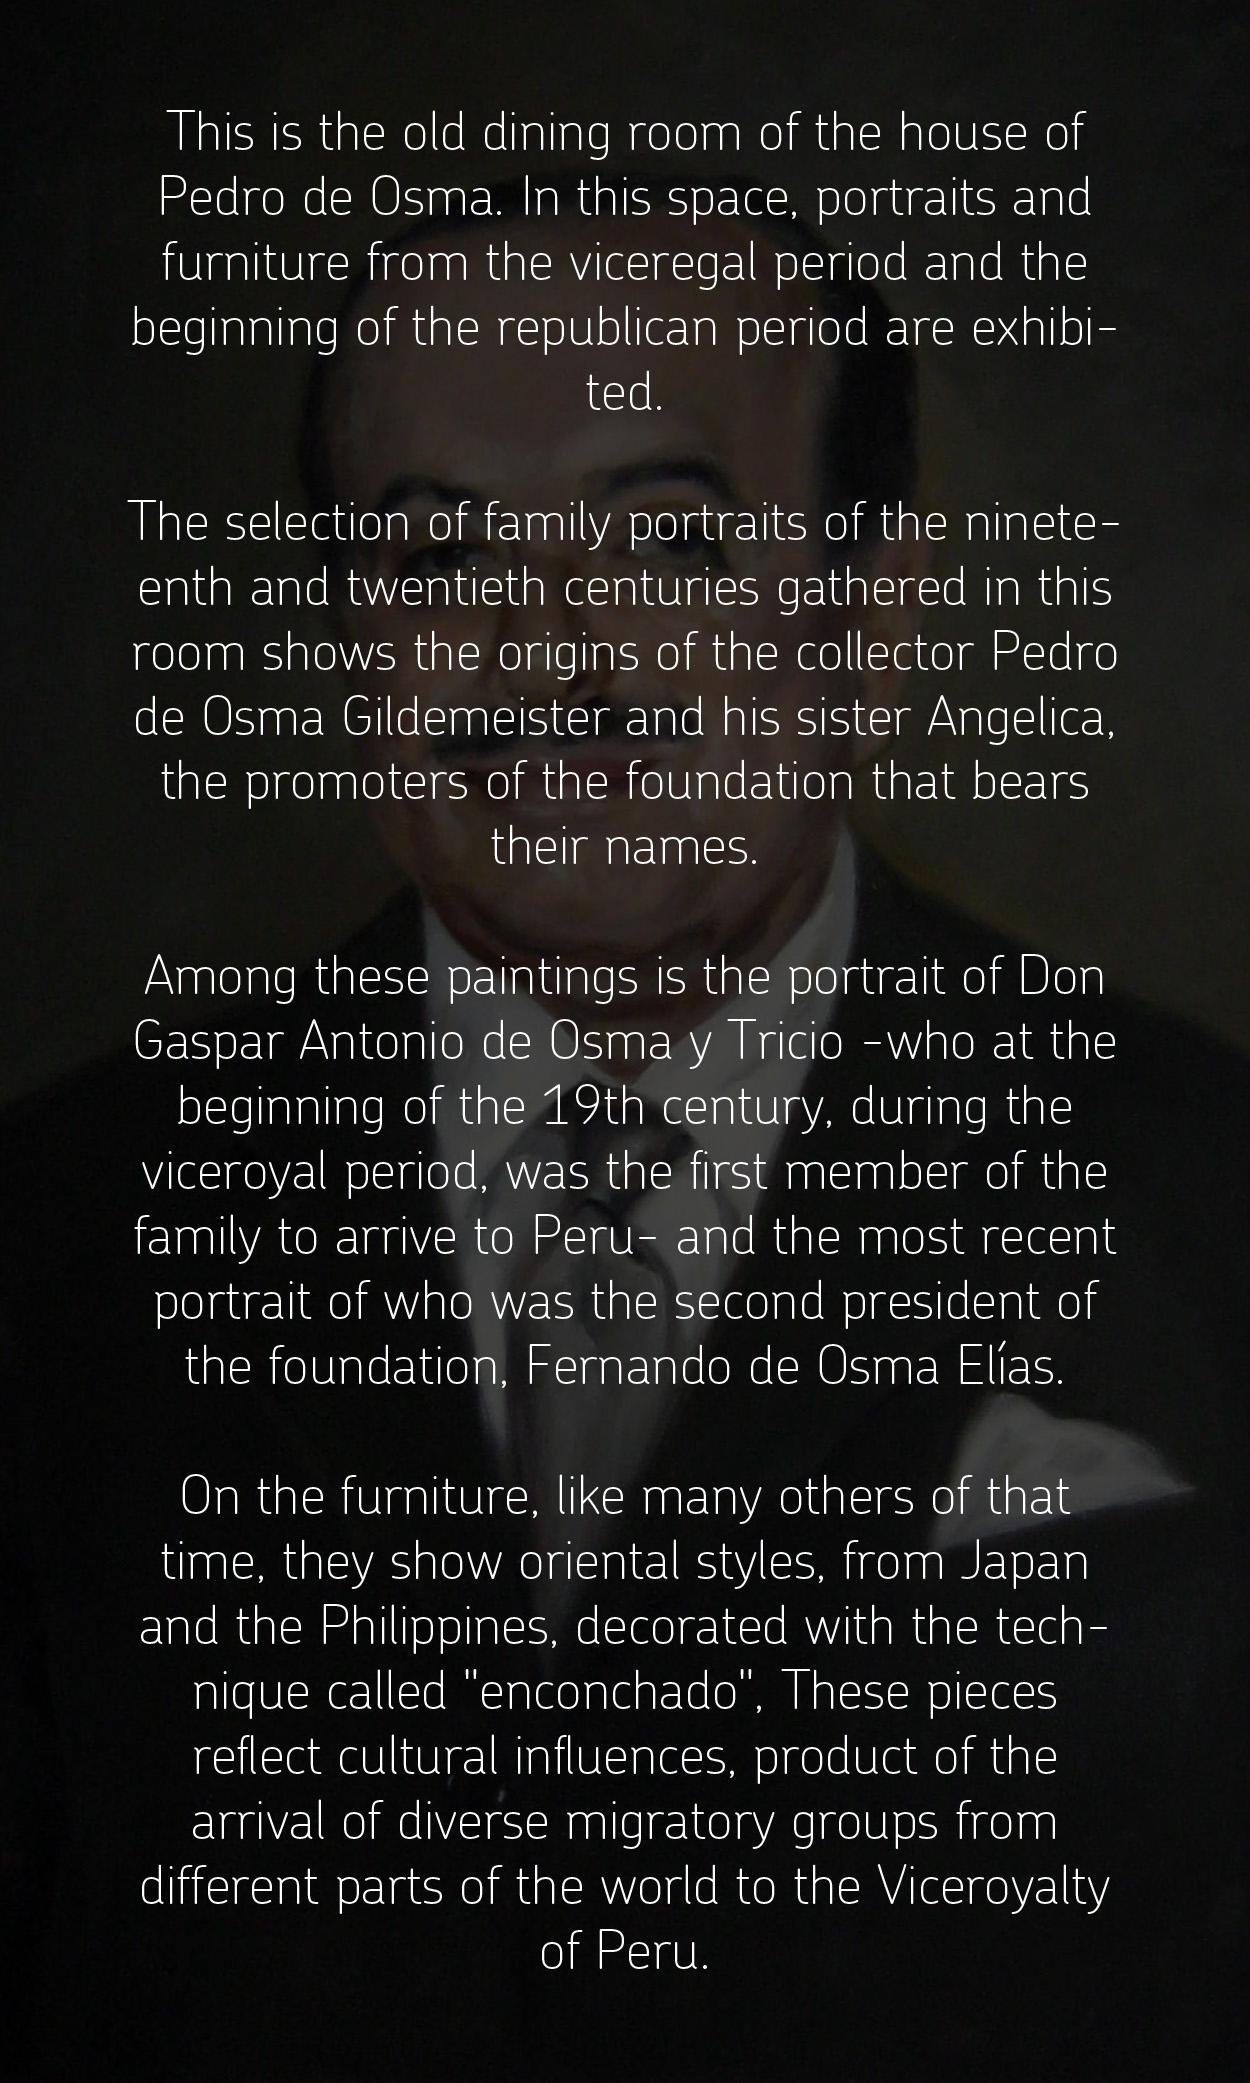 Caratula_retratos_texto ingles